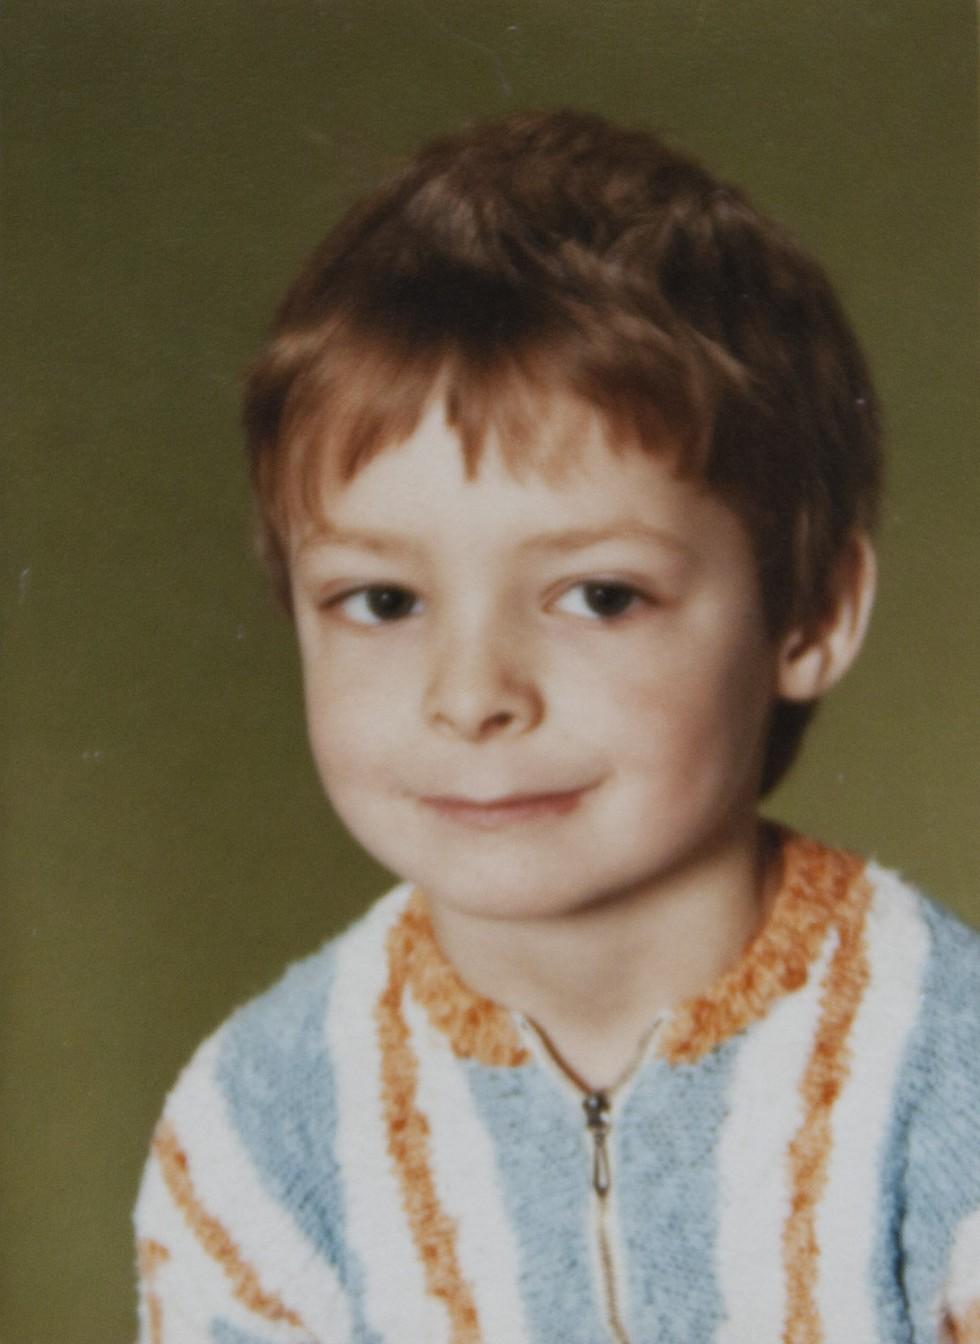 Det var dengang jeg var genert.